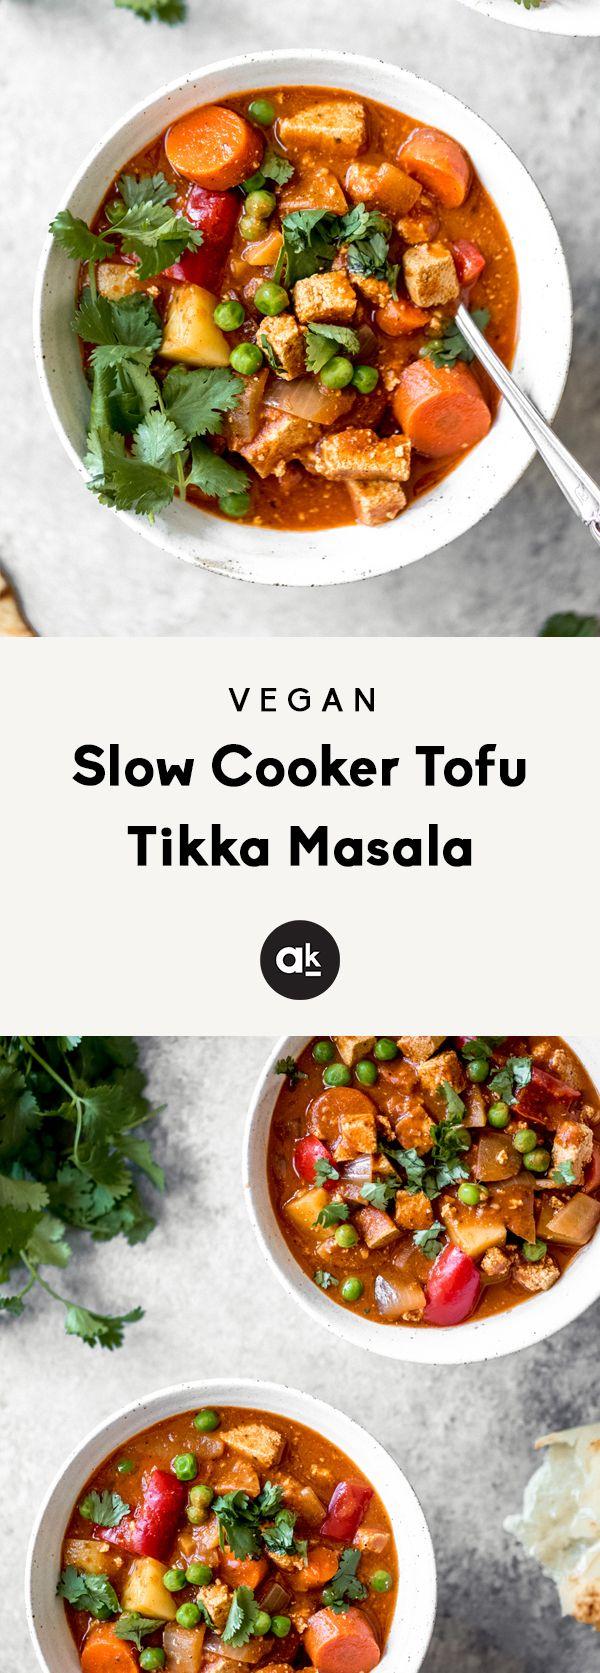 Vegan Slow Cooker Tofu Tikka Masala